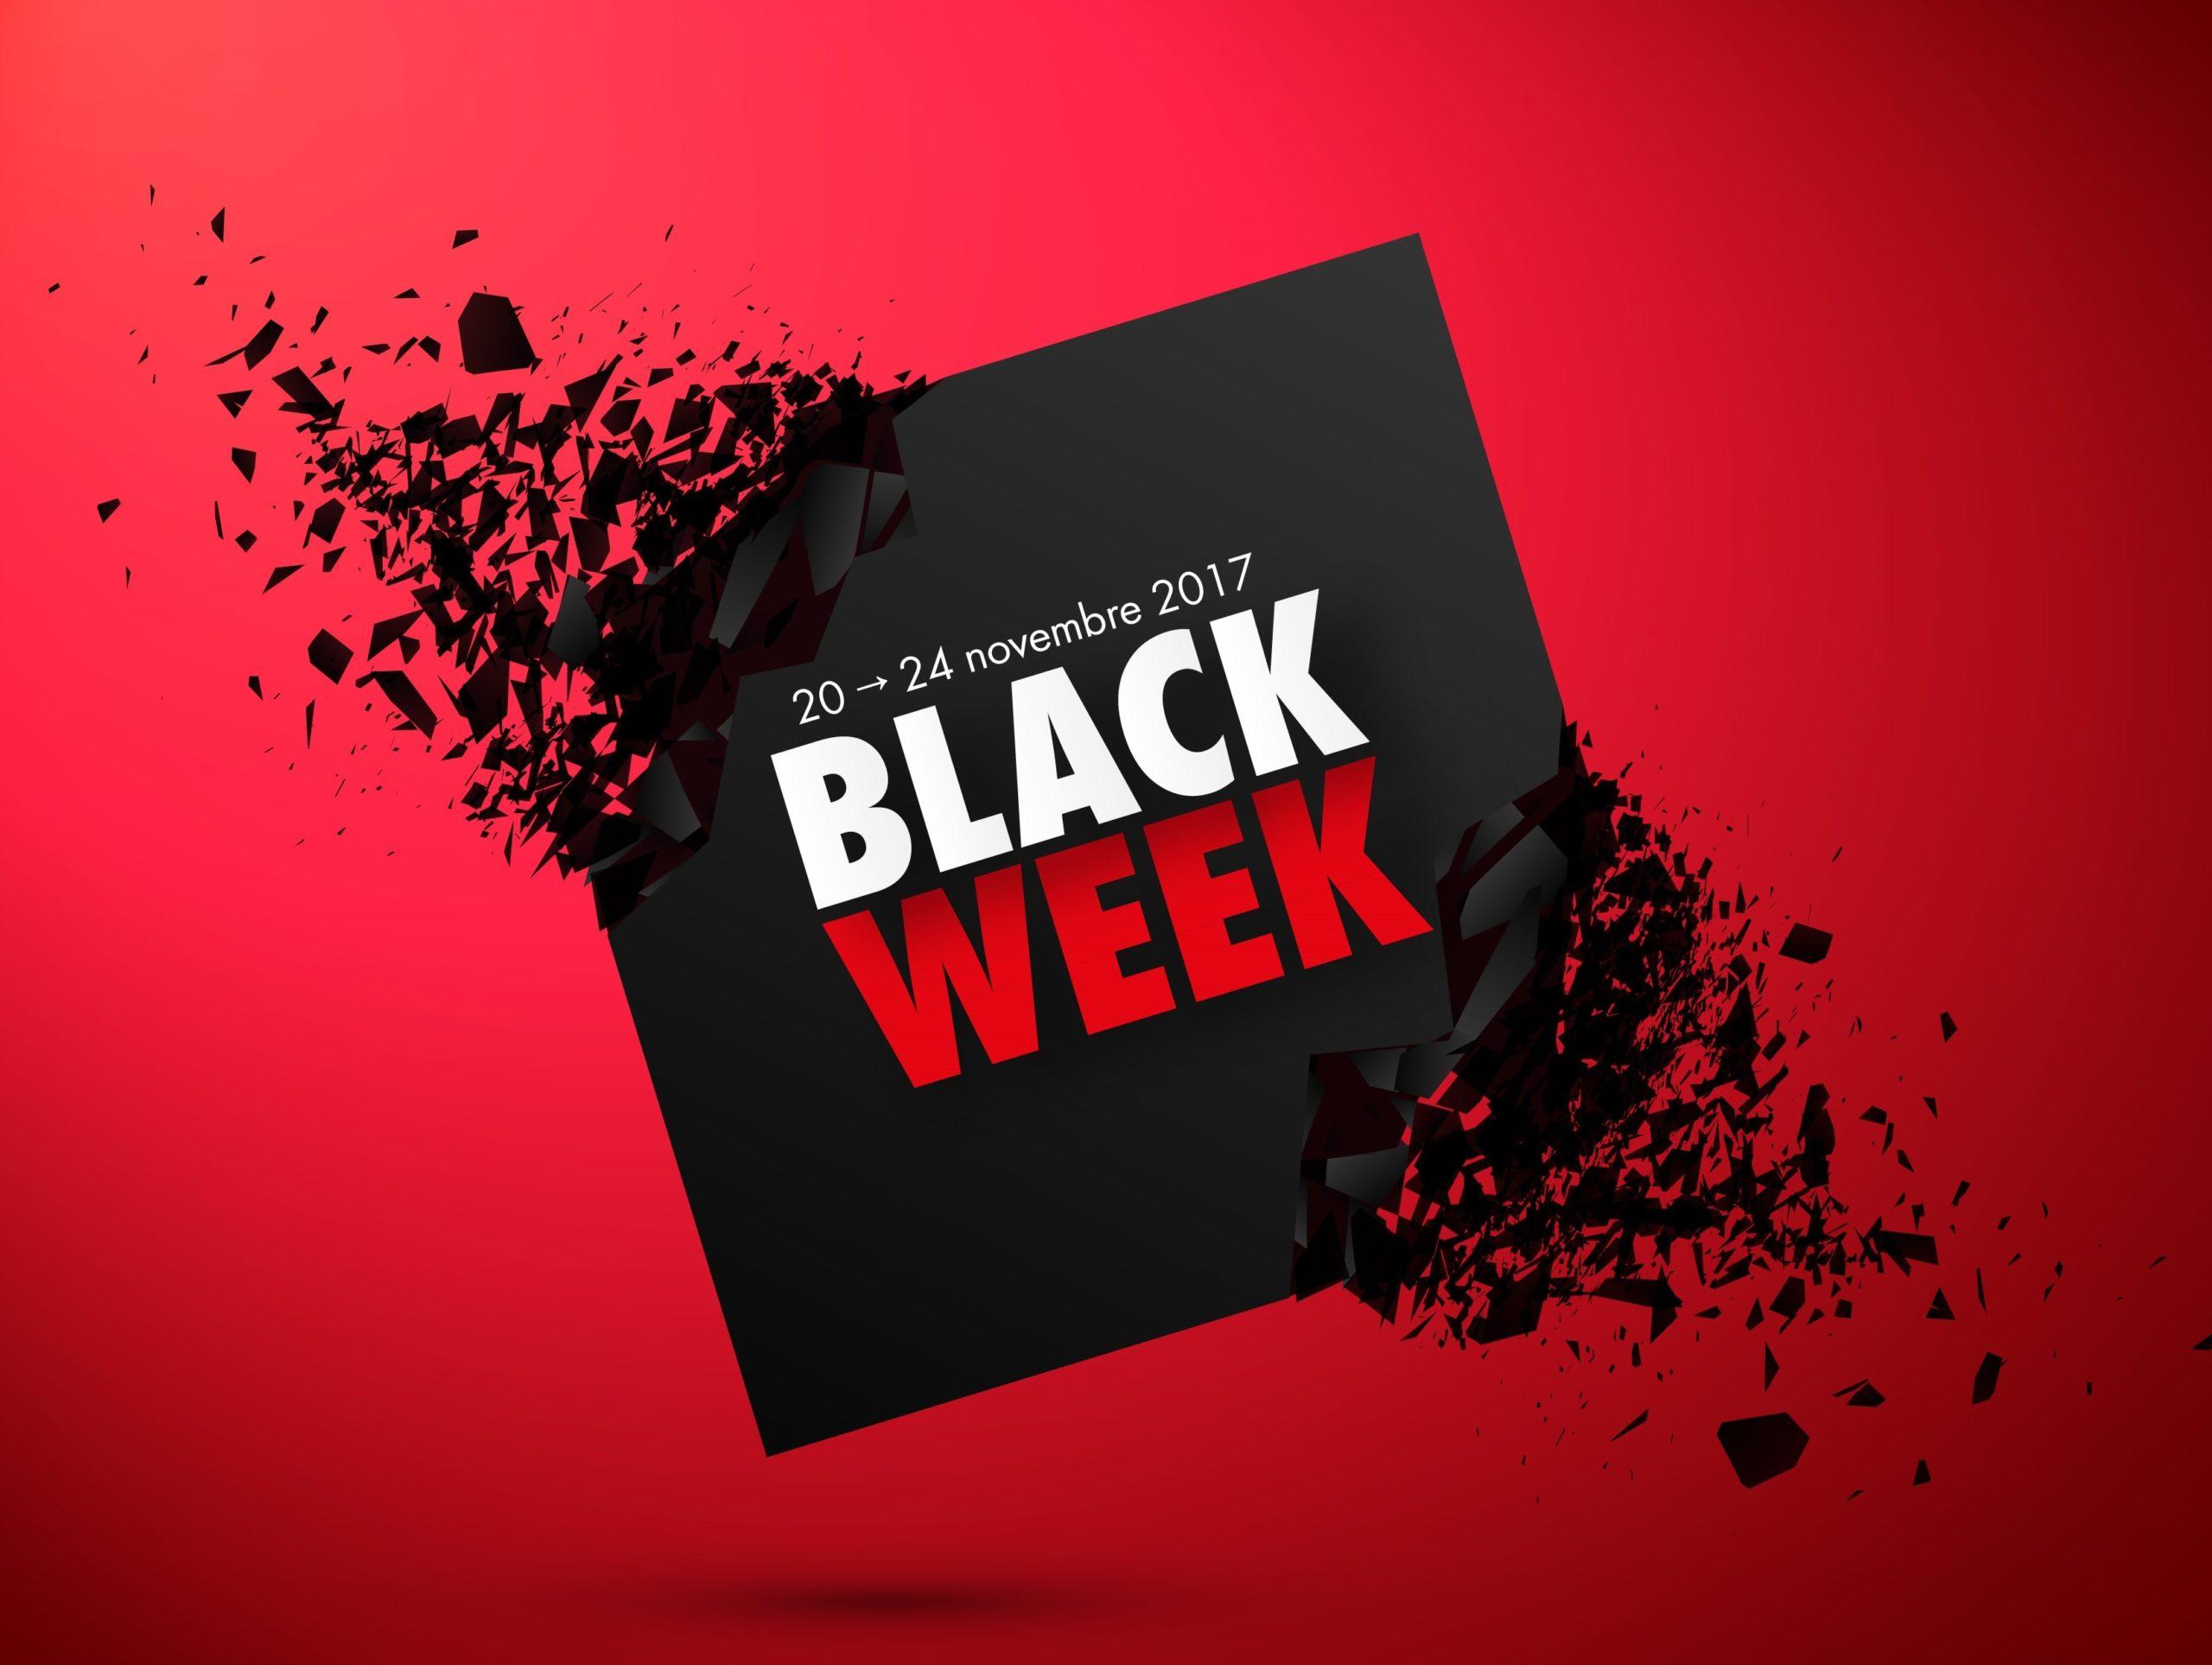 Würth passe du Black Friday au Black Week